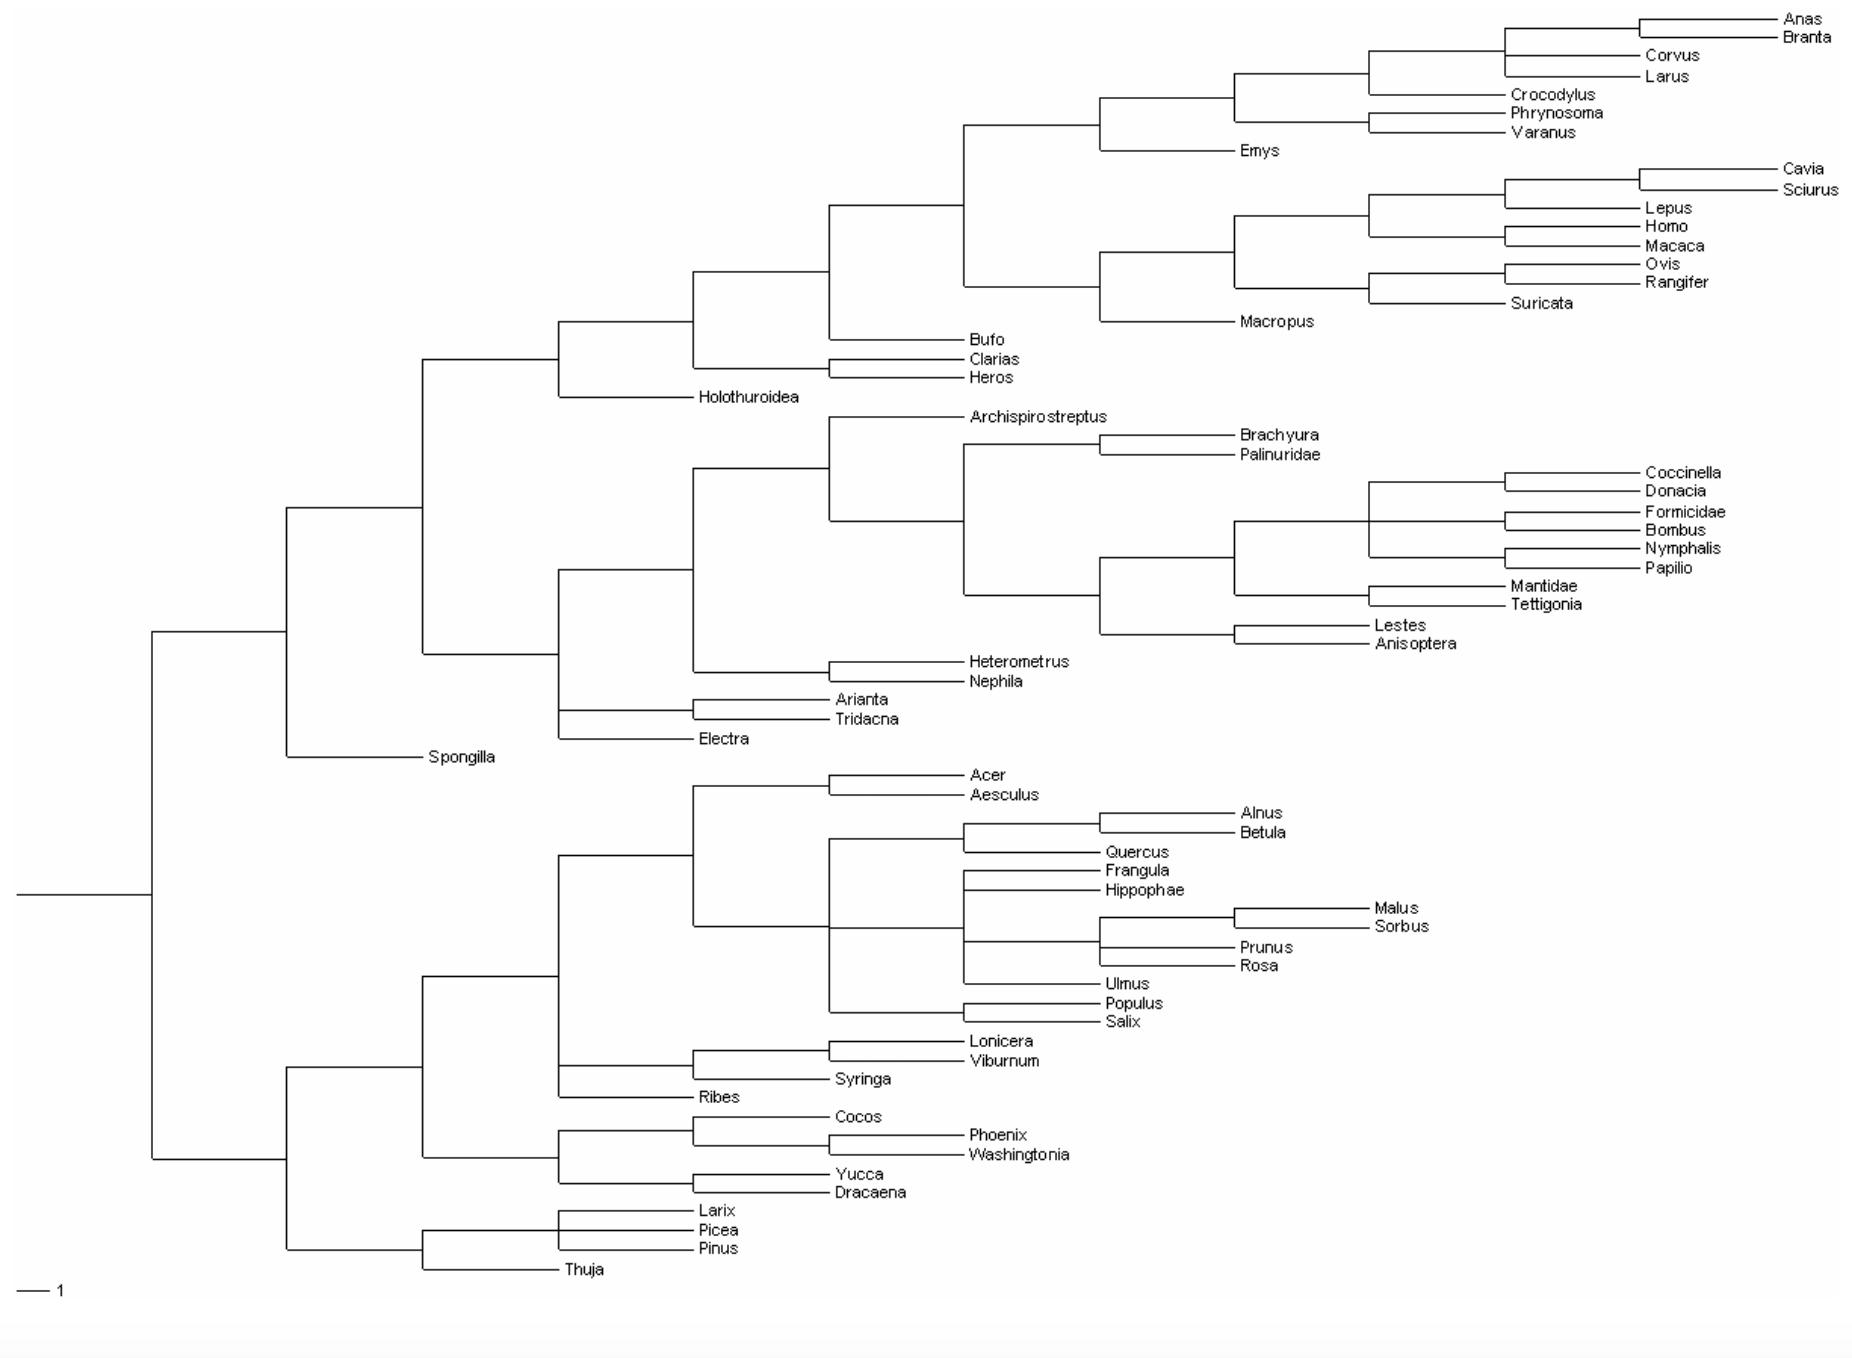 Esimerkkieliöiden sukupuu (Sukupuu A).